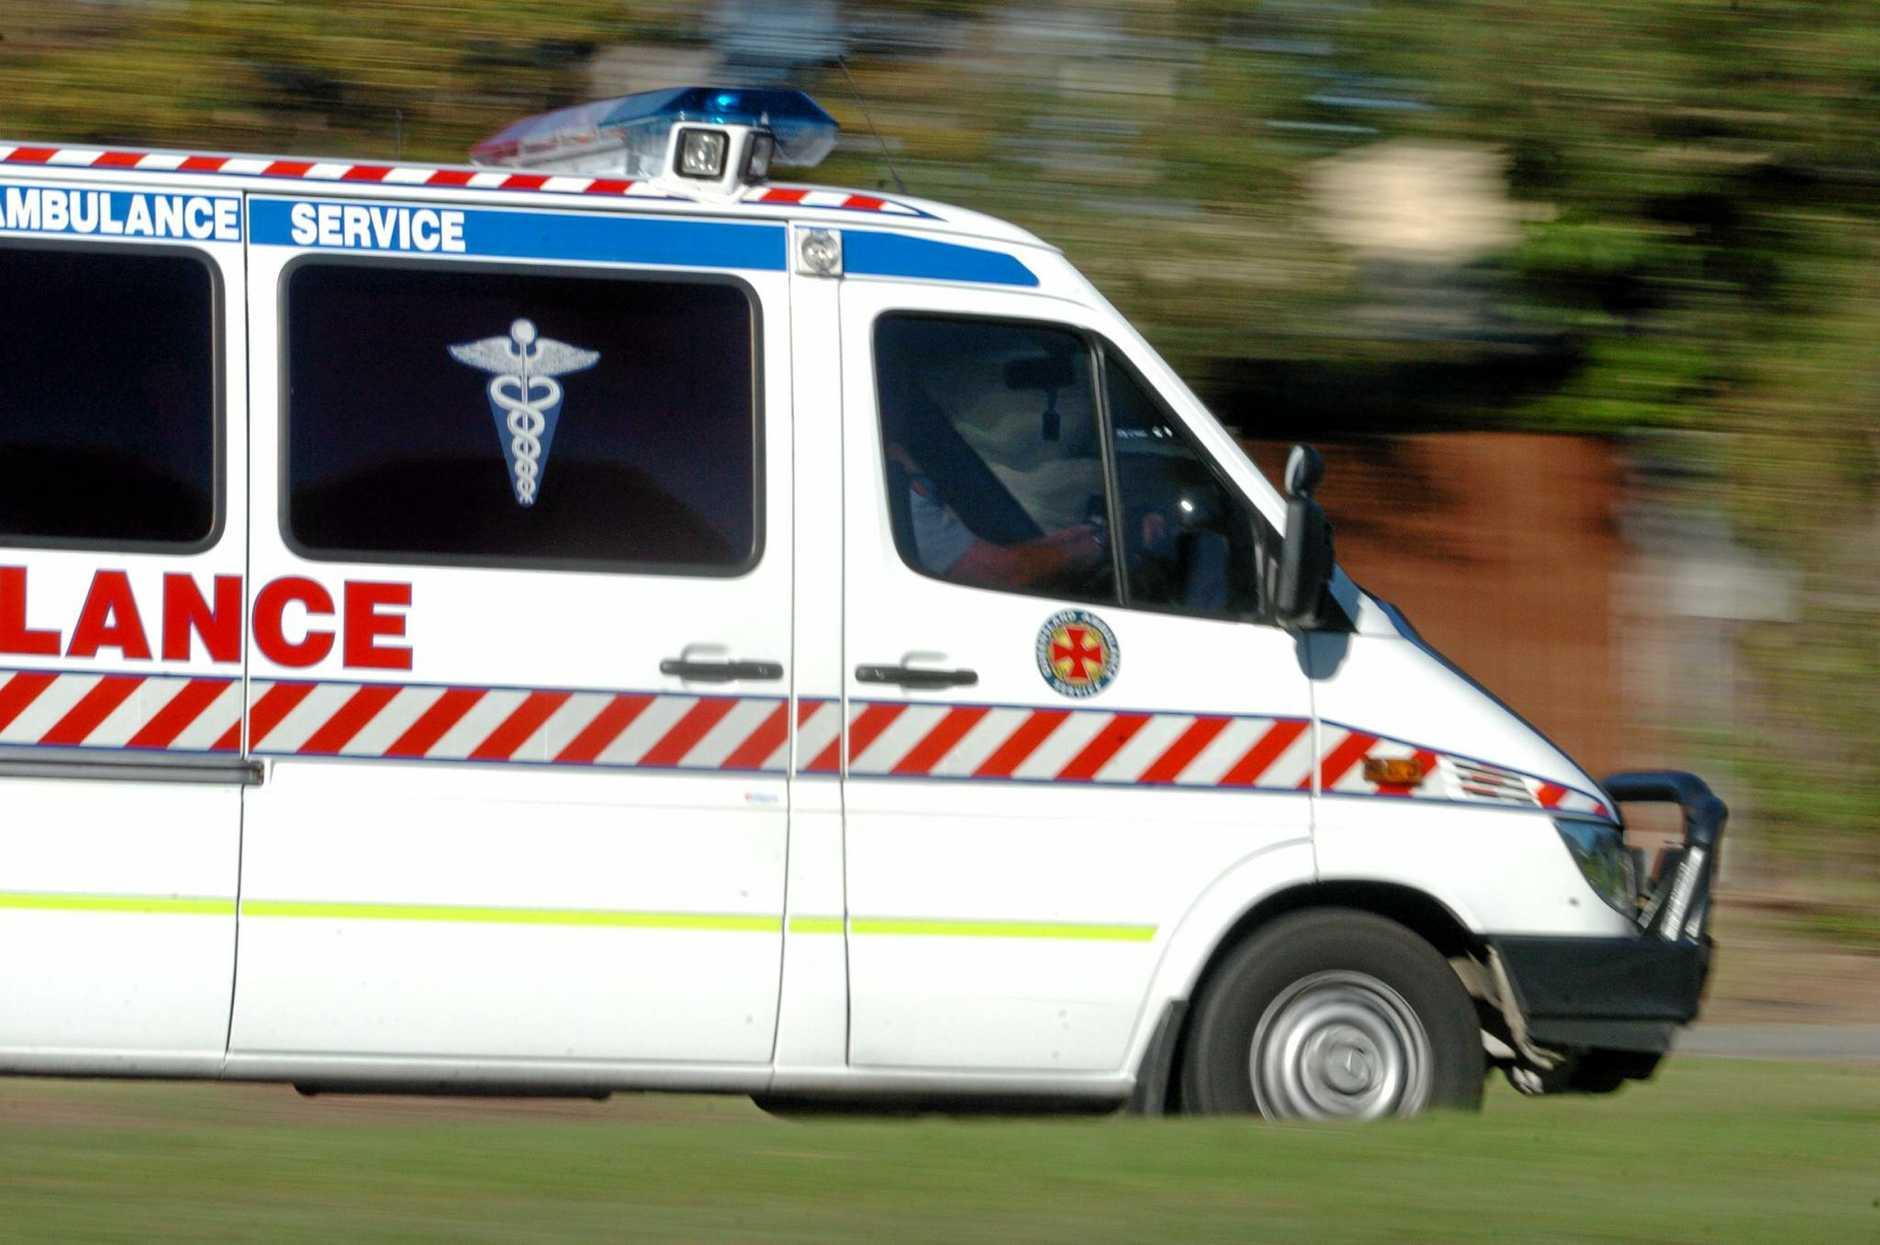 AmbulancePhoto: Cade Mooney / Sunshine Coast Daily